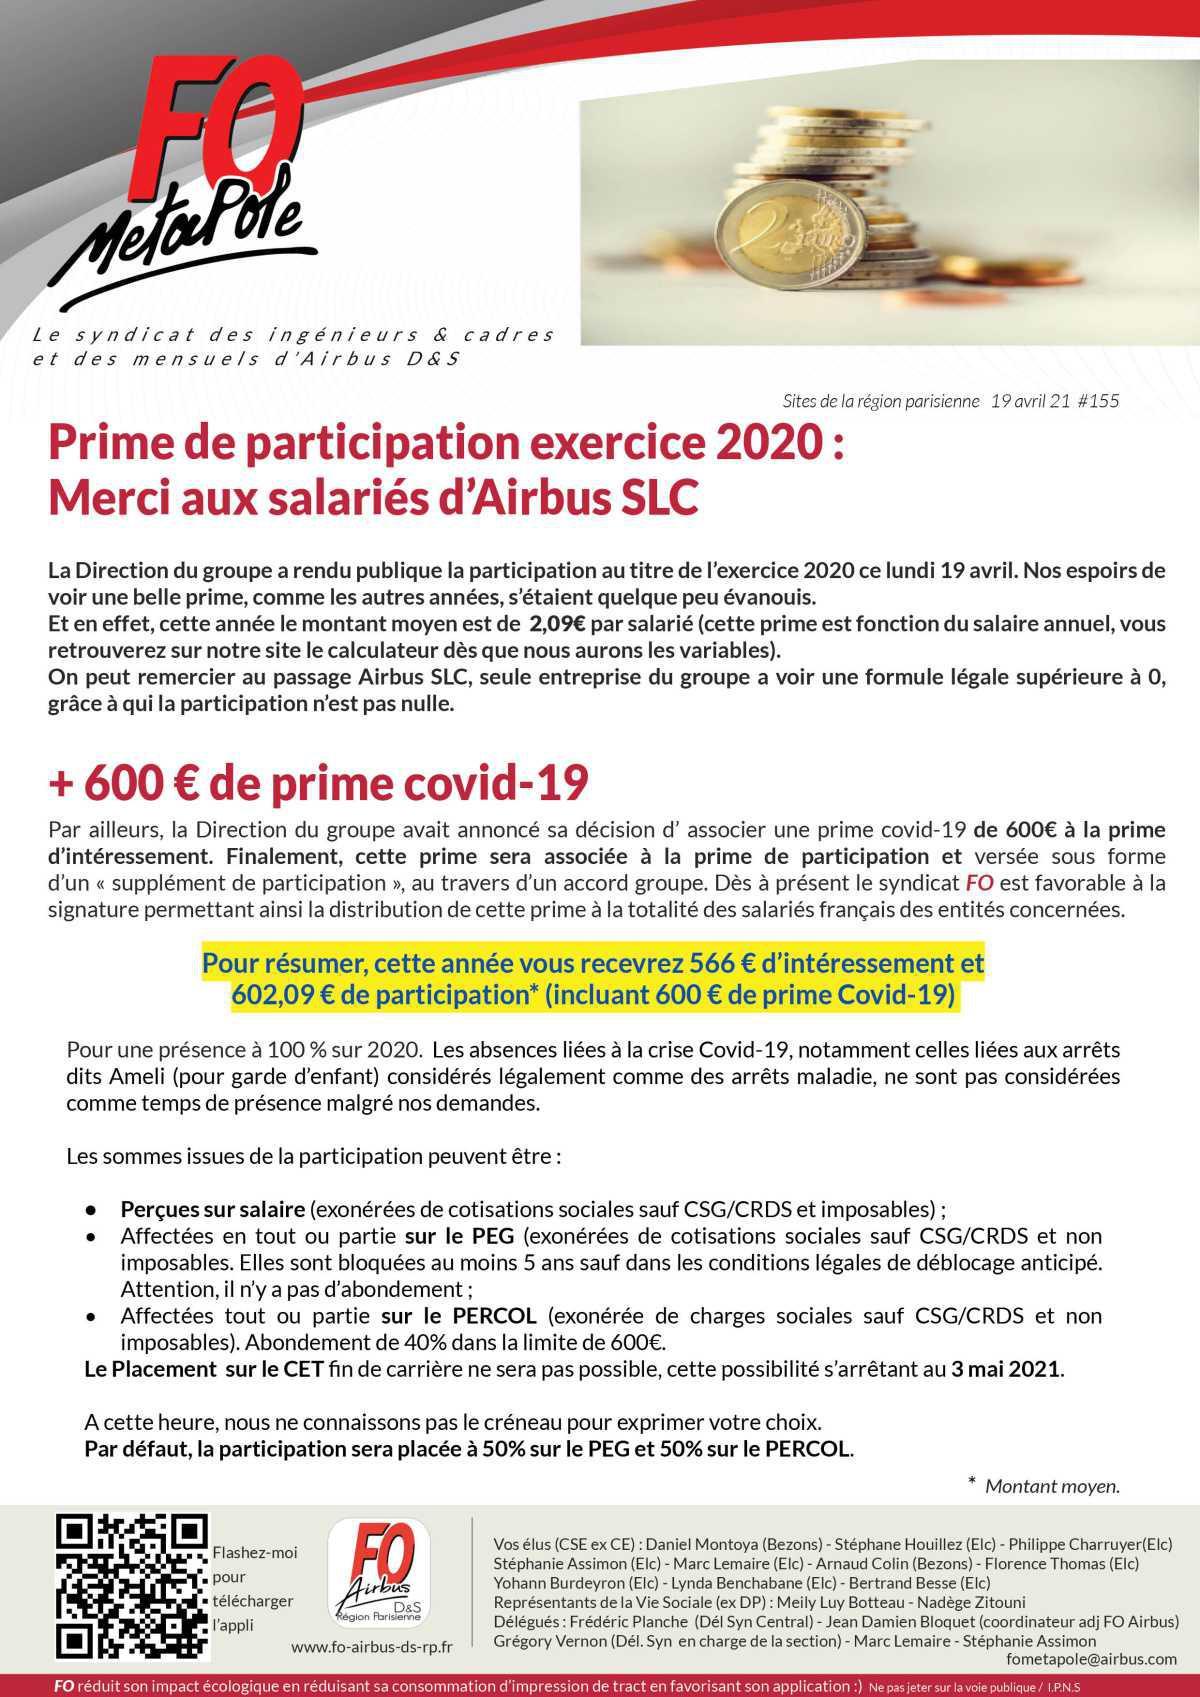 Prime de participation exercice 2020